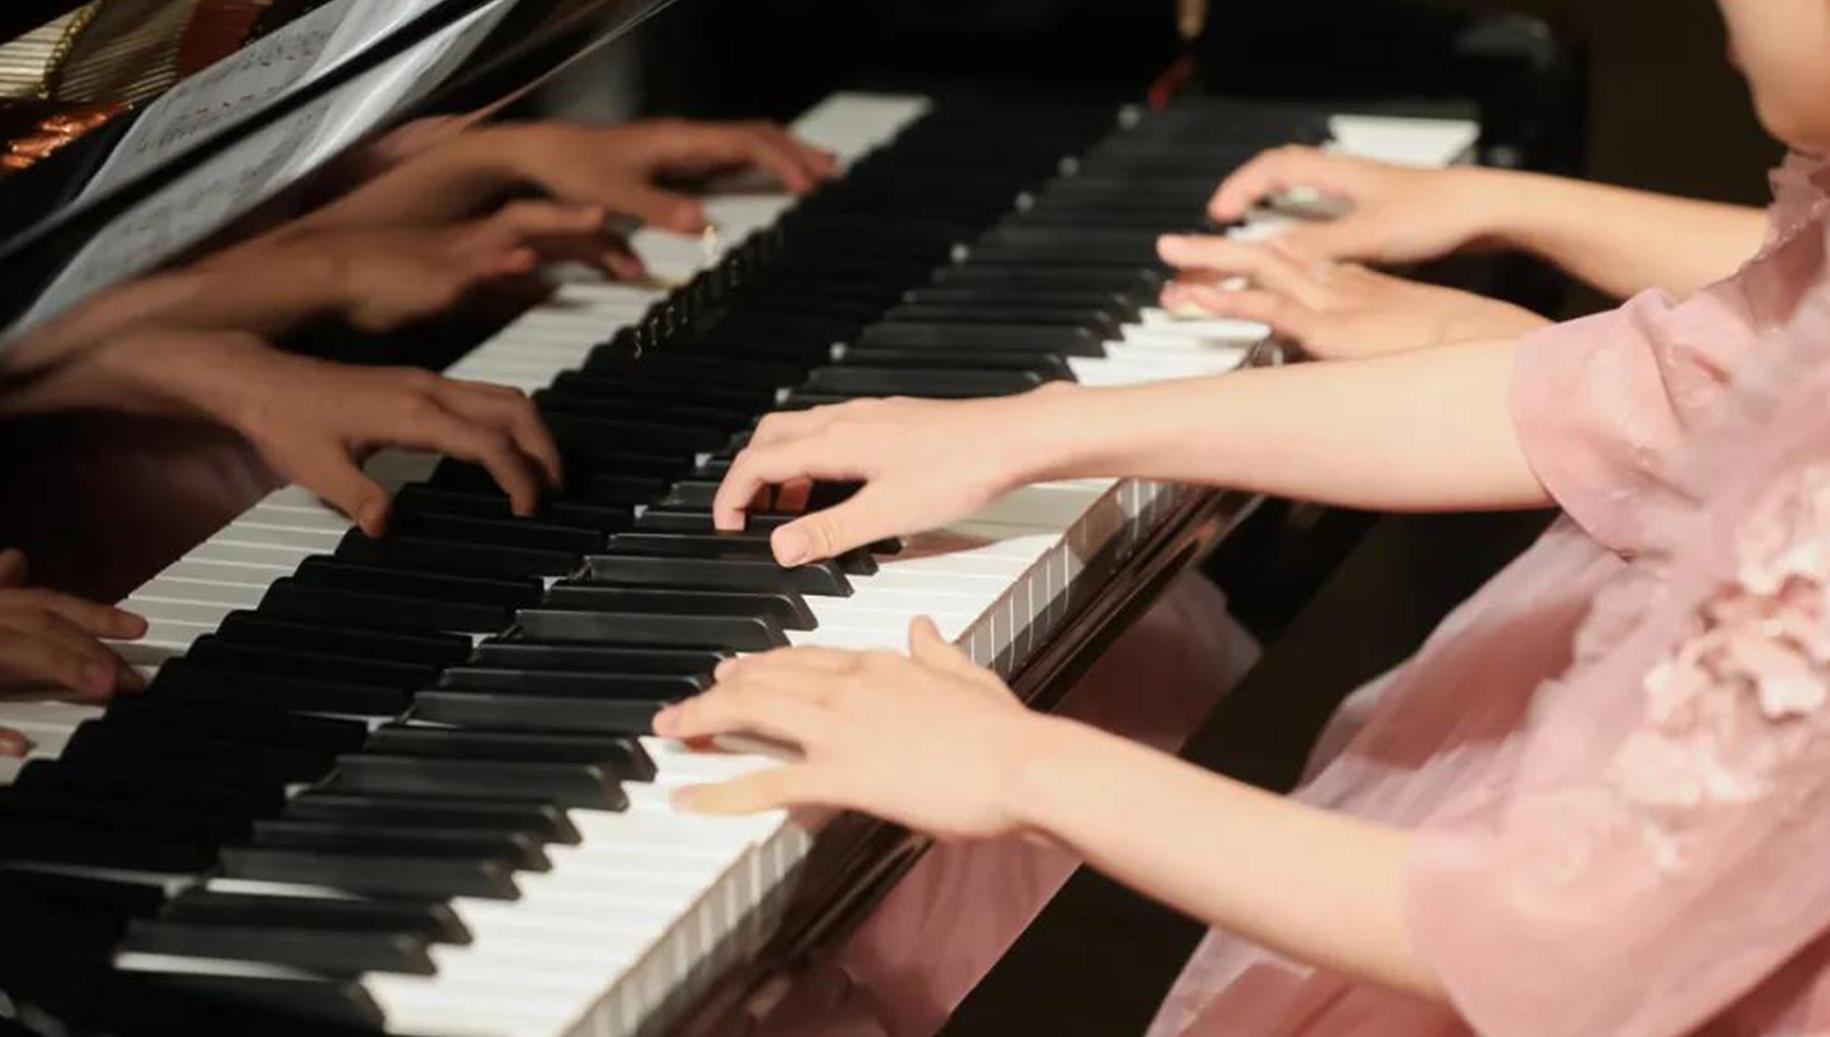 斯坦梅尔钢琴大师盛典:田佳鑫携手南京优秀师生演绎钢琴盛会